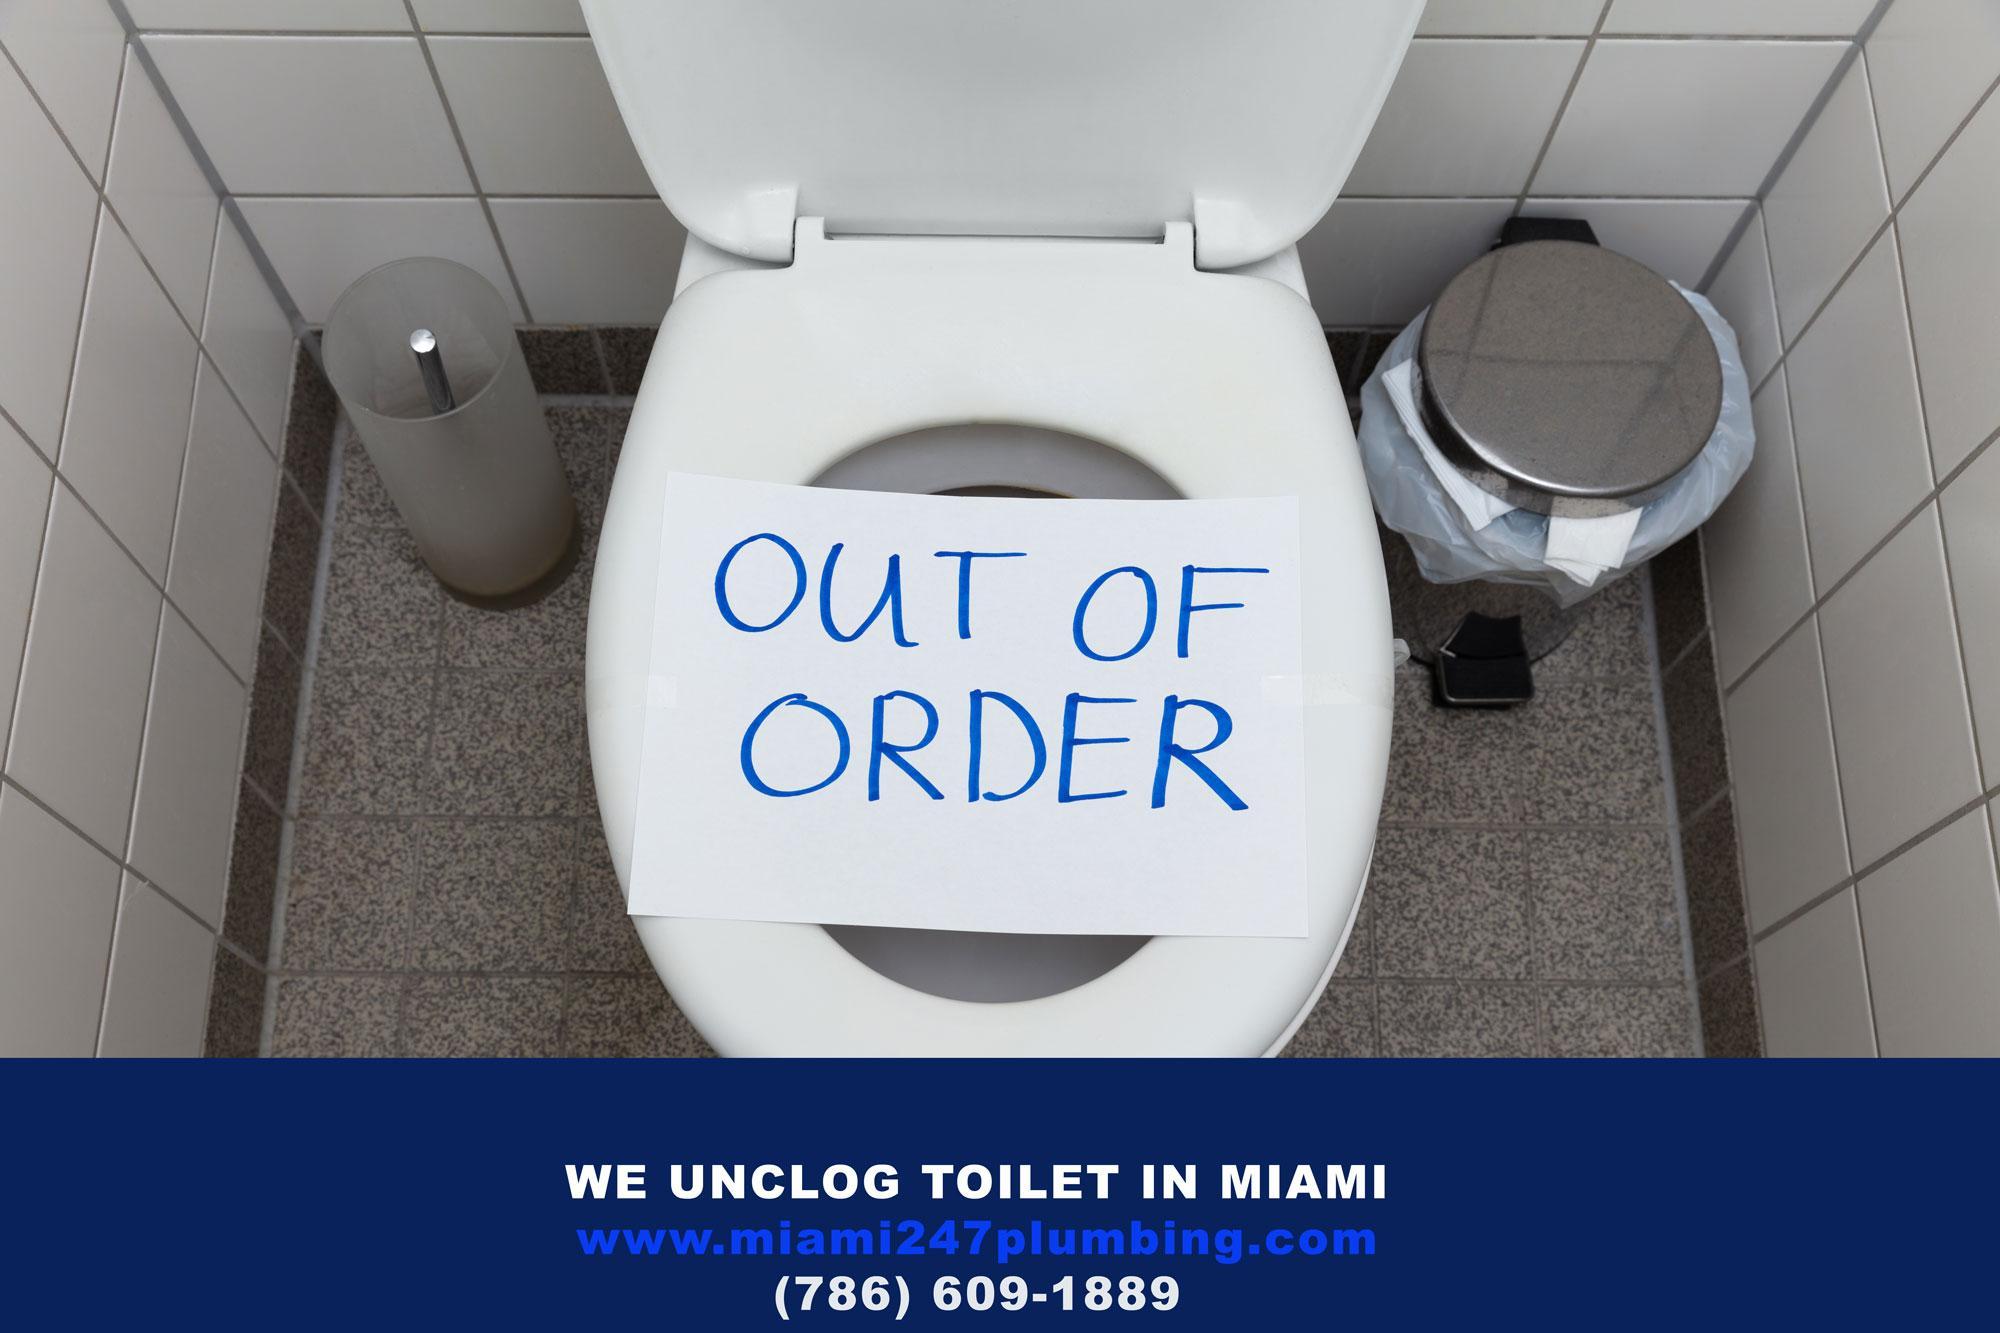 Unclog Toilet in Miami